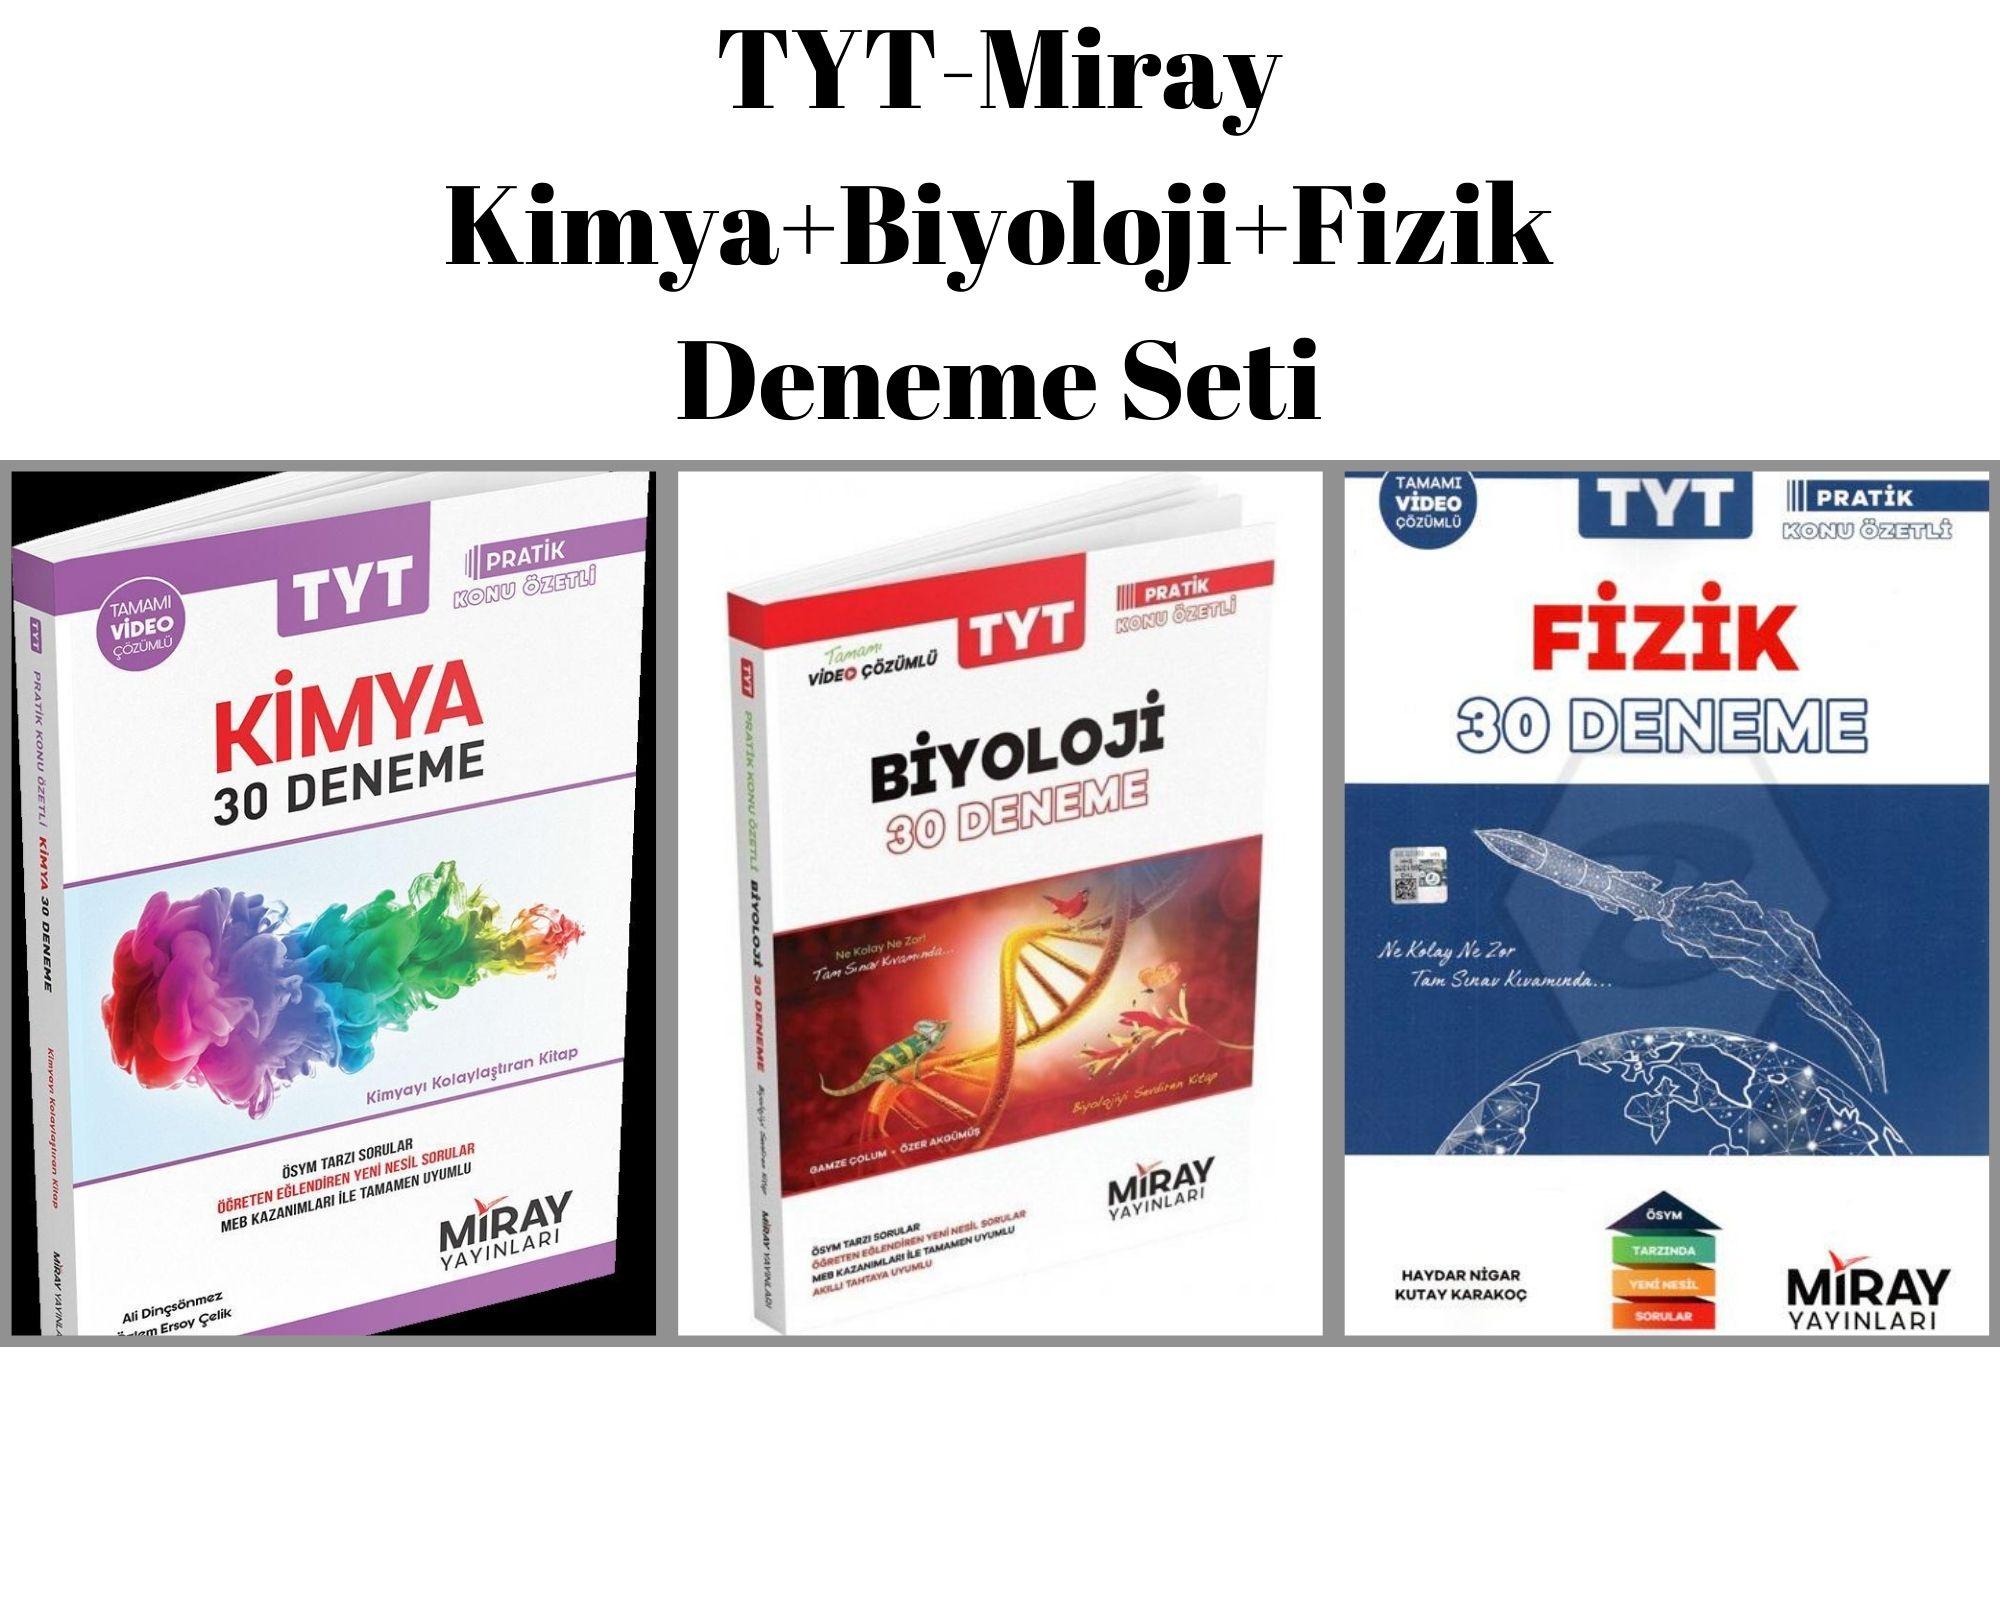 TYT-Miray Kimya+Biyoloji+Fizik Deneme Seti